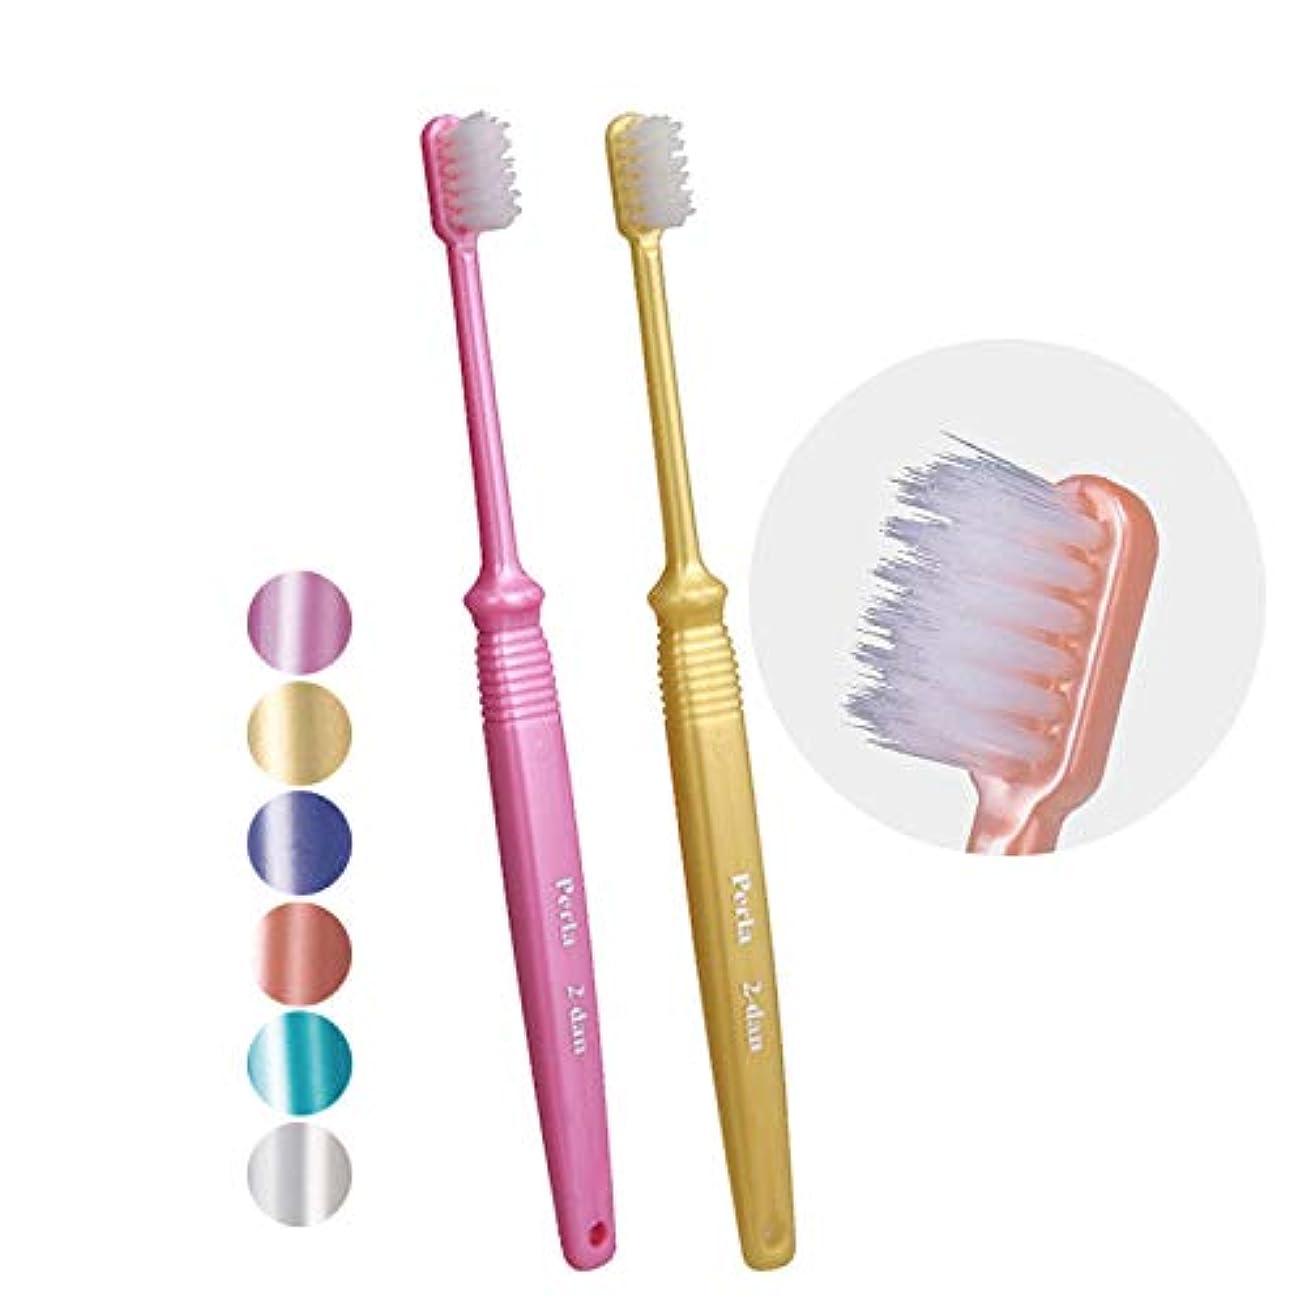 性別パトロン指定P.D.R.(ピーディーアール) ペルラ 歯ブラシ 二段植毛 × 5本 S(やわらかめ)